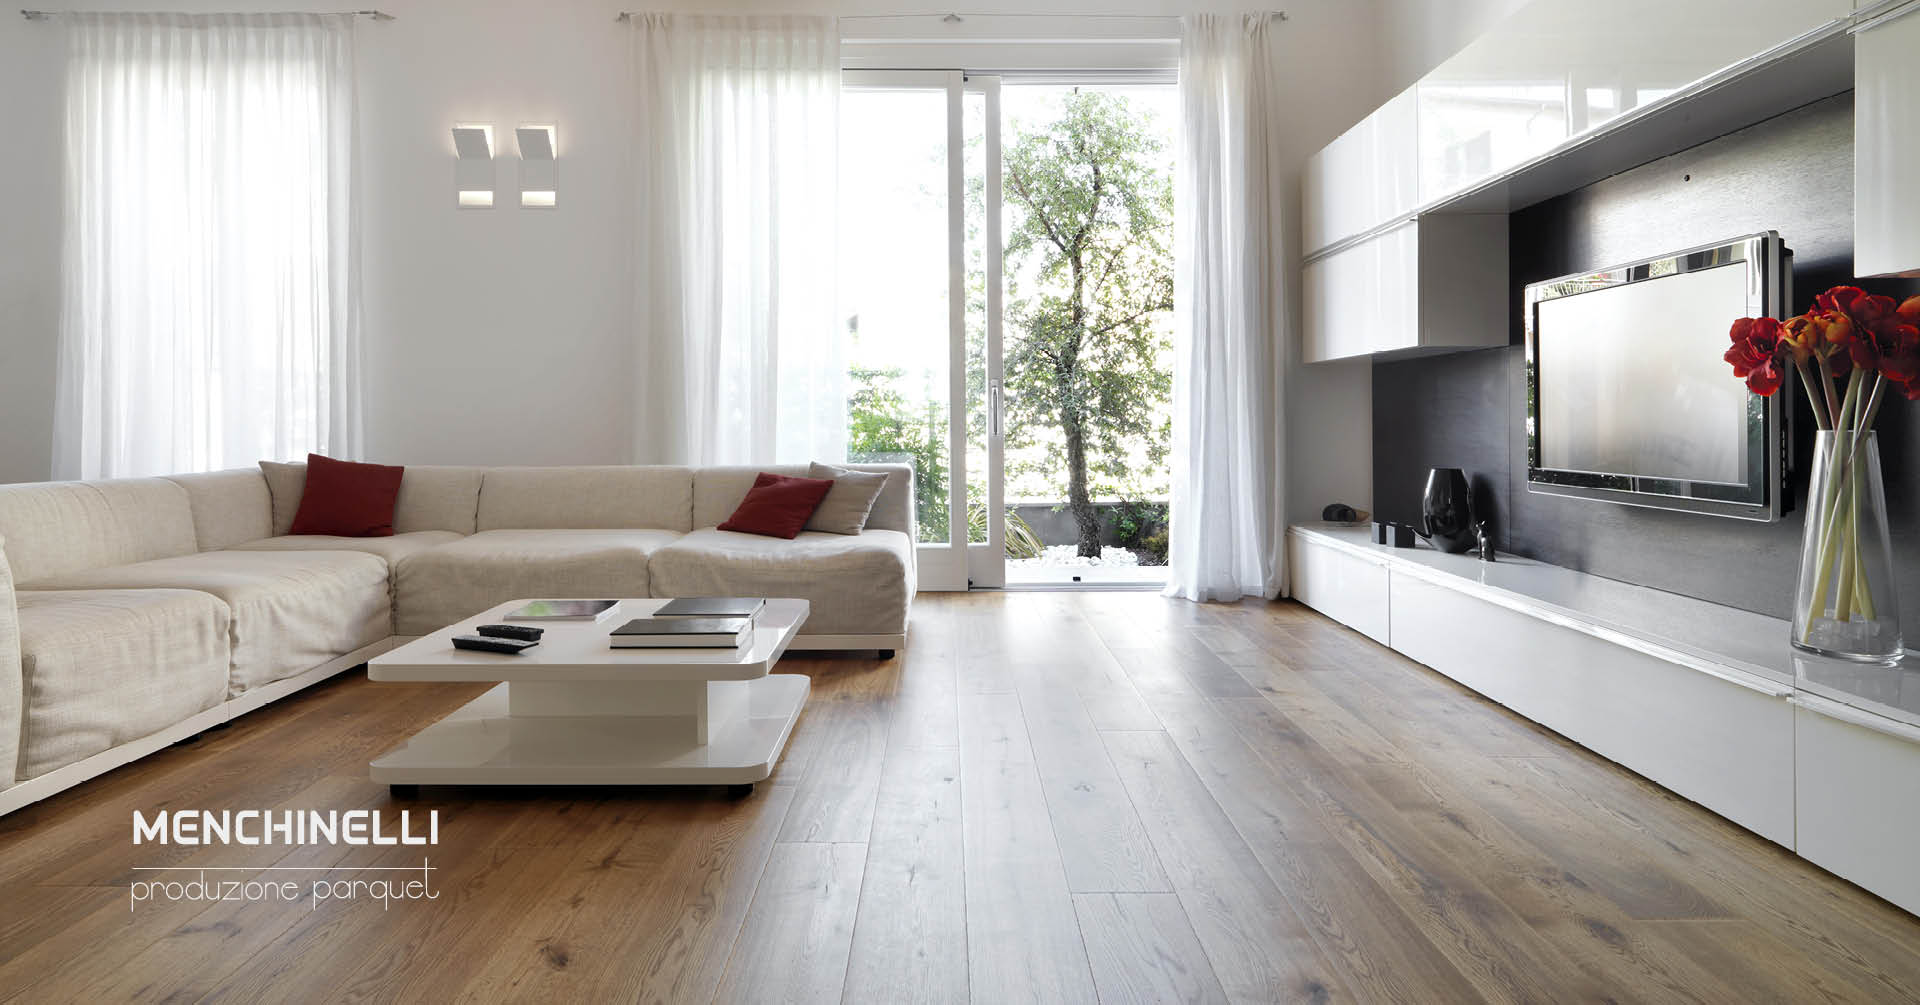 Soggiorno moderno con pavimento in parquet